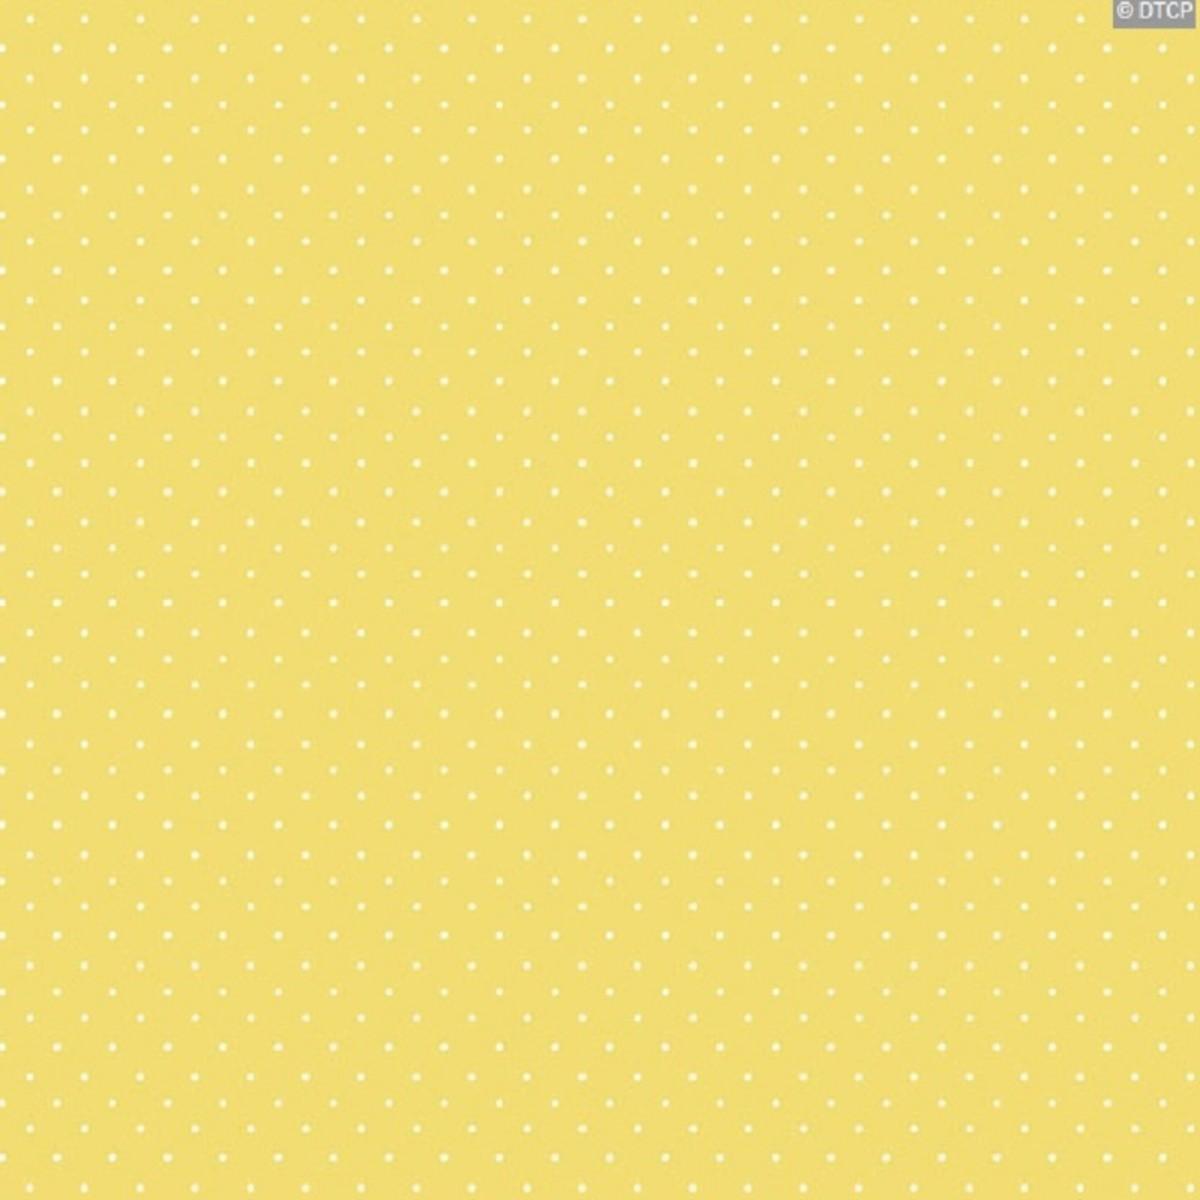 Виниловые обои Aura желтые G56054 0.53 м